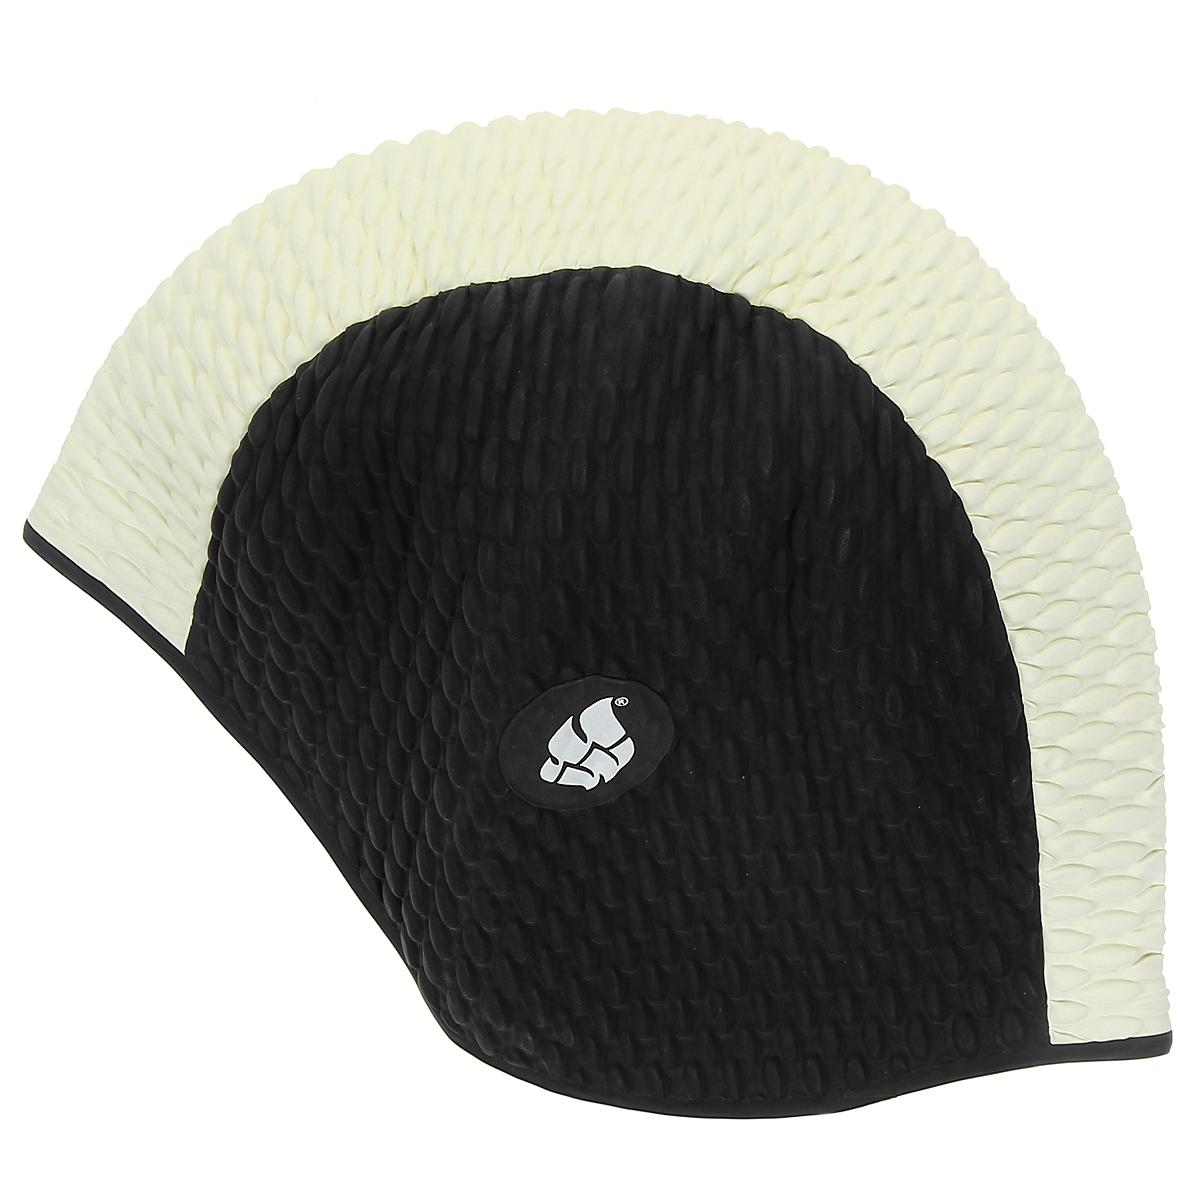 Шапочка женская для плавания MadWave Bubble, цвет: белый, черныйM0514 01 0 M12WЛатексная шапочка для плавания MadWave Bubble. Имеет превосходную эластичность и высокий уровень комфорта. Высококачественный материал обеспечивает долгий срок службы. Пузырьковая поверхность уменьшает площадь соприкосновения с волосами.